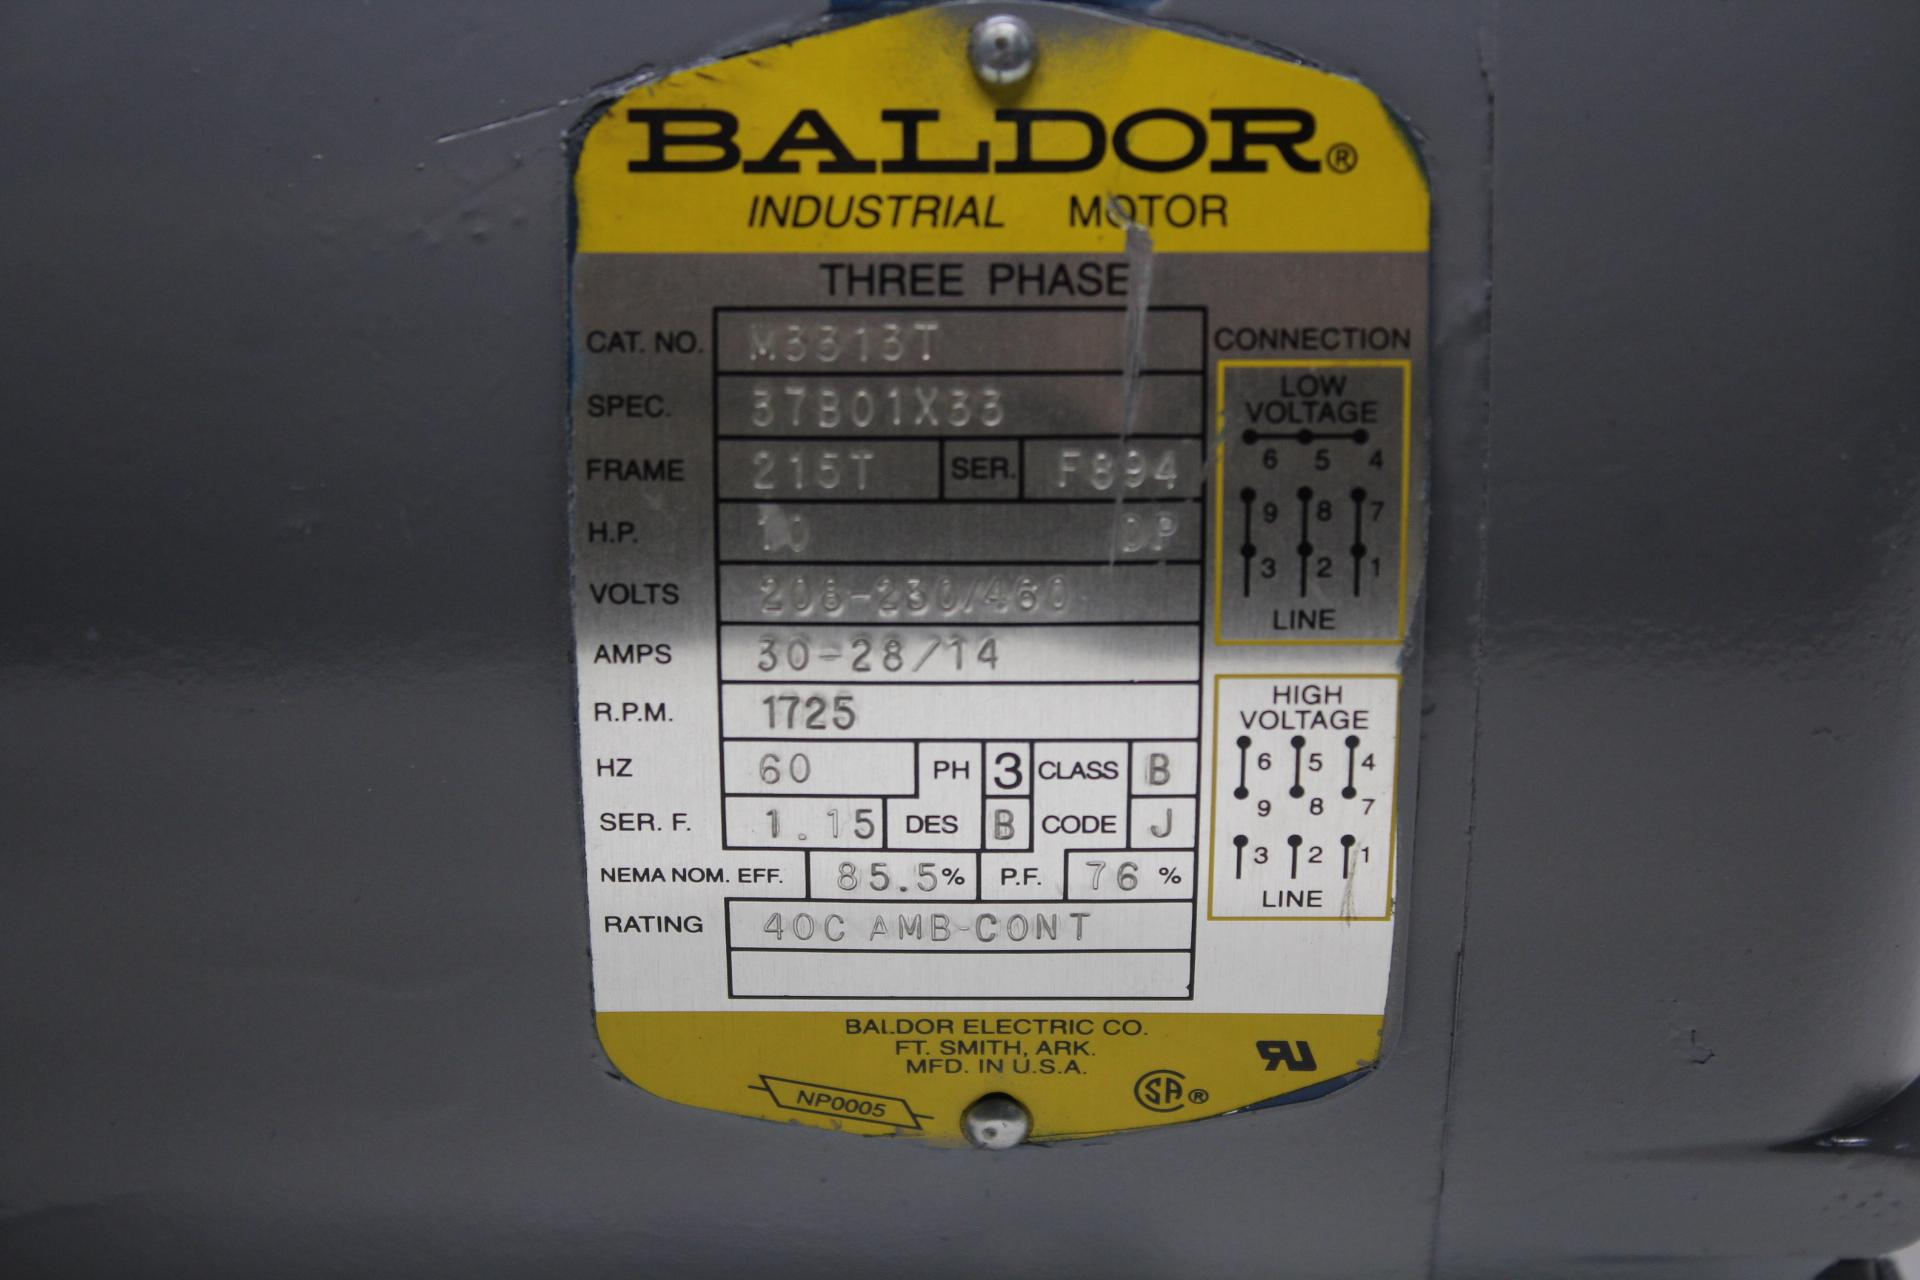 Baldor Motor M3313T, 3PH, 10 HP, 215T Frame, 1725 RPM ...